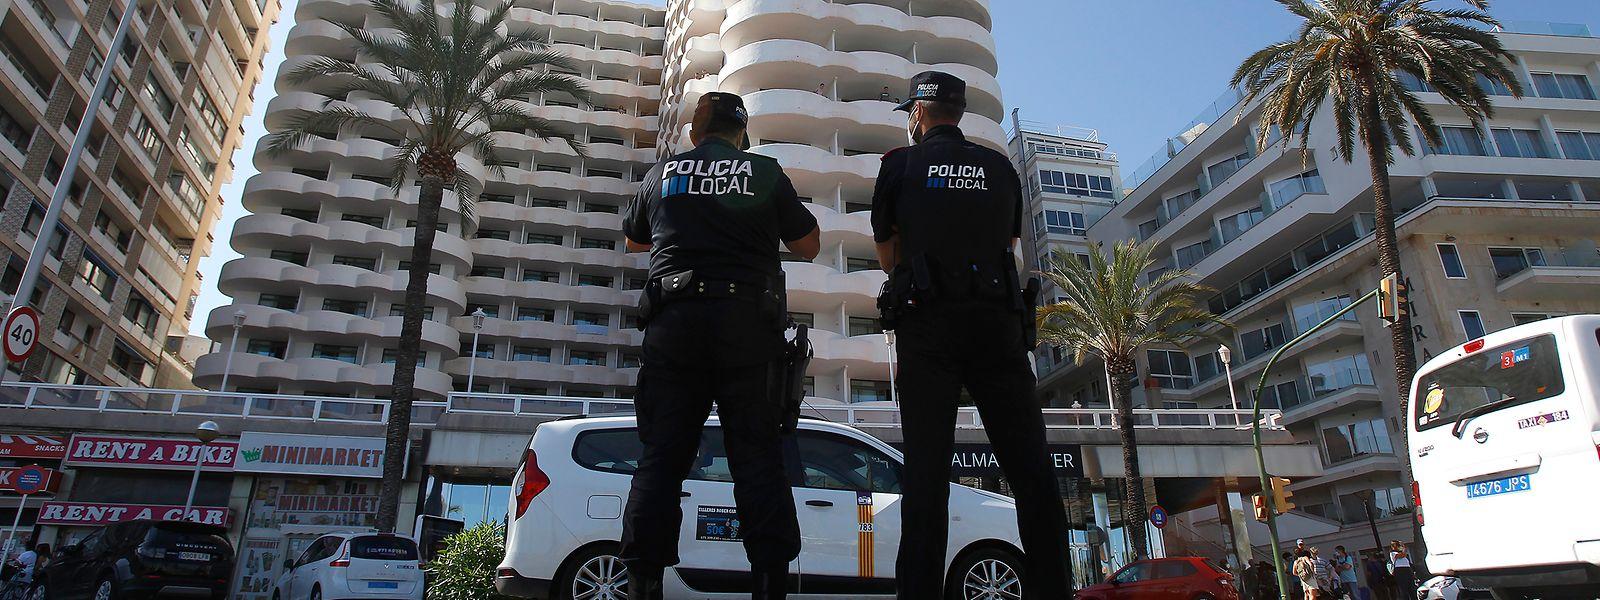 Zwei Polizisten stehen im Einsatz vor dem Hotel in Palma de Mallorca, in dem mehr als 200 Schüler in Corona-Zwangsquarantäne gesetzt wurden.